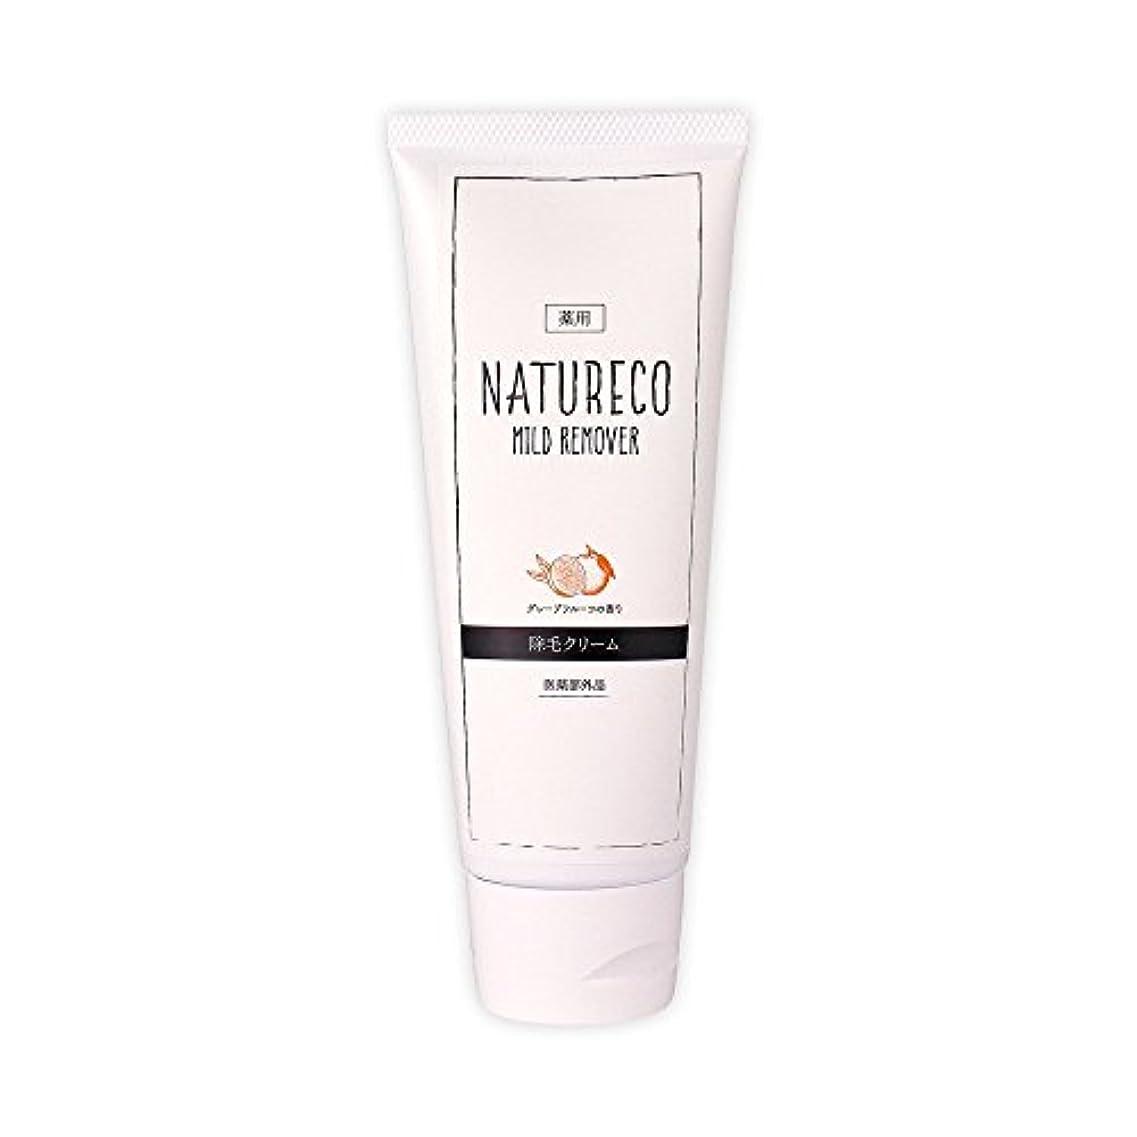 症状故障中ジュースナチュレコ 除毛クリーム 薬用 120g<さわやかな香り> 脱毛クリーム 肌に優しい除毛クリーム 肌荒れしにくい成分配合 薬用マイルドリムーバー NATURECO